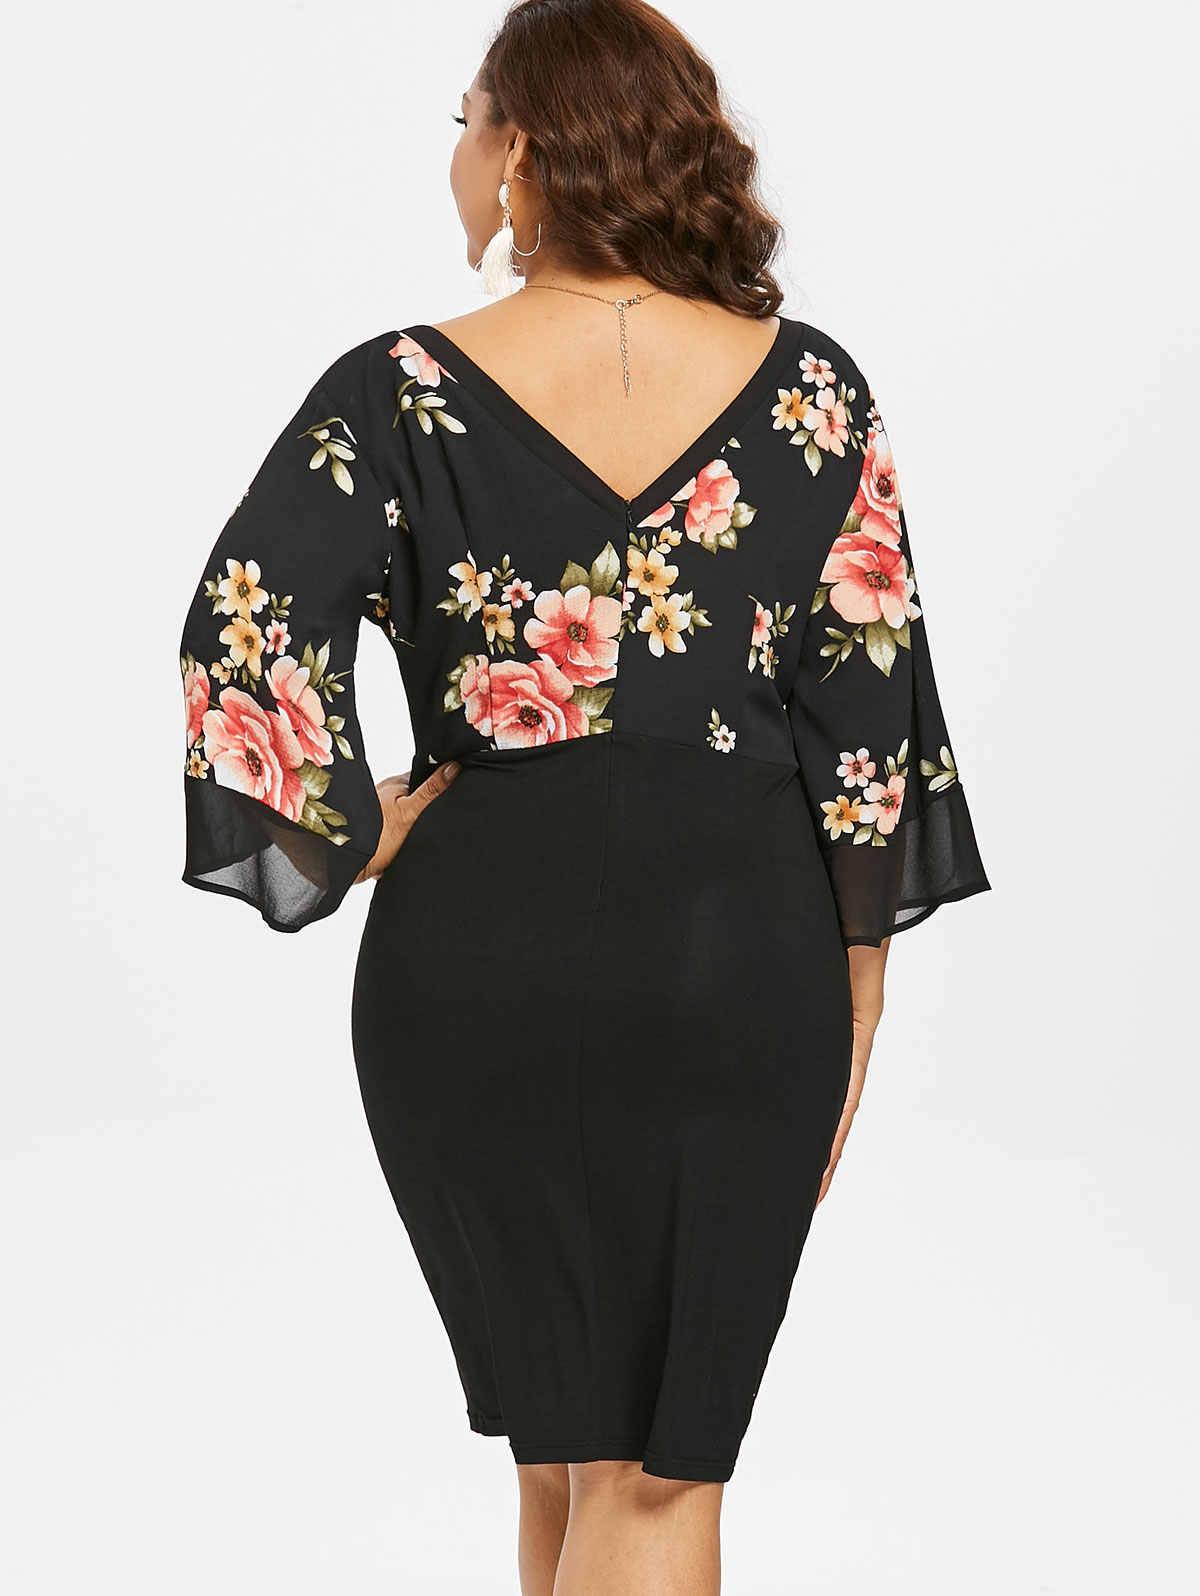 Lortalen/большие размеры, облегающее платье с коротким рукавом и цветочным принтом, женские летние платья Harajuku с рукавом 3/4, вечерние платья ol Vestidos 5XL